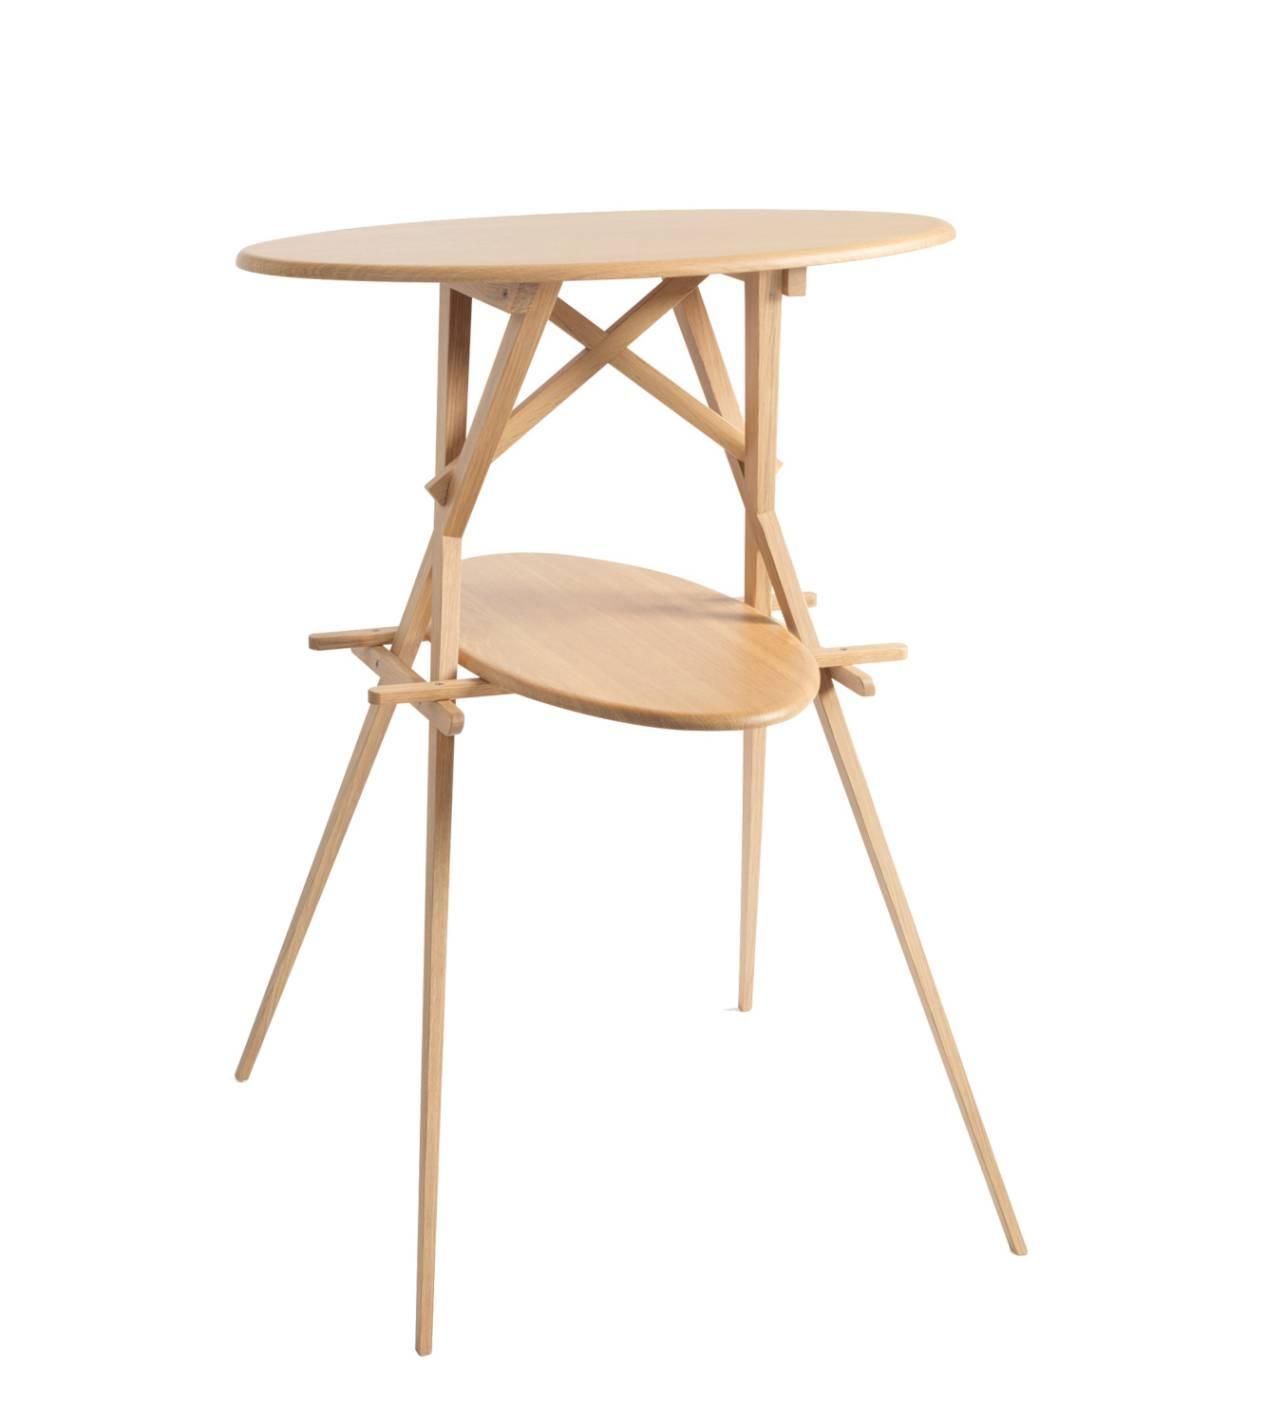 Mobles114 Jujol 1920 Beistelltisch Design Möbel